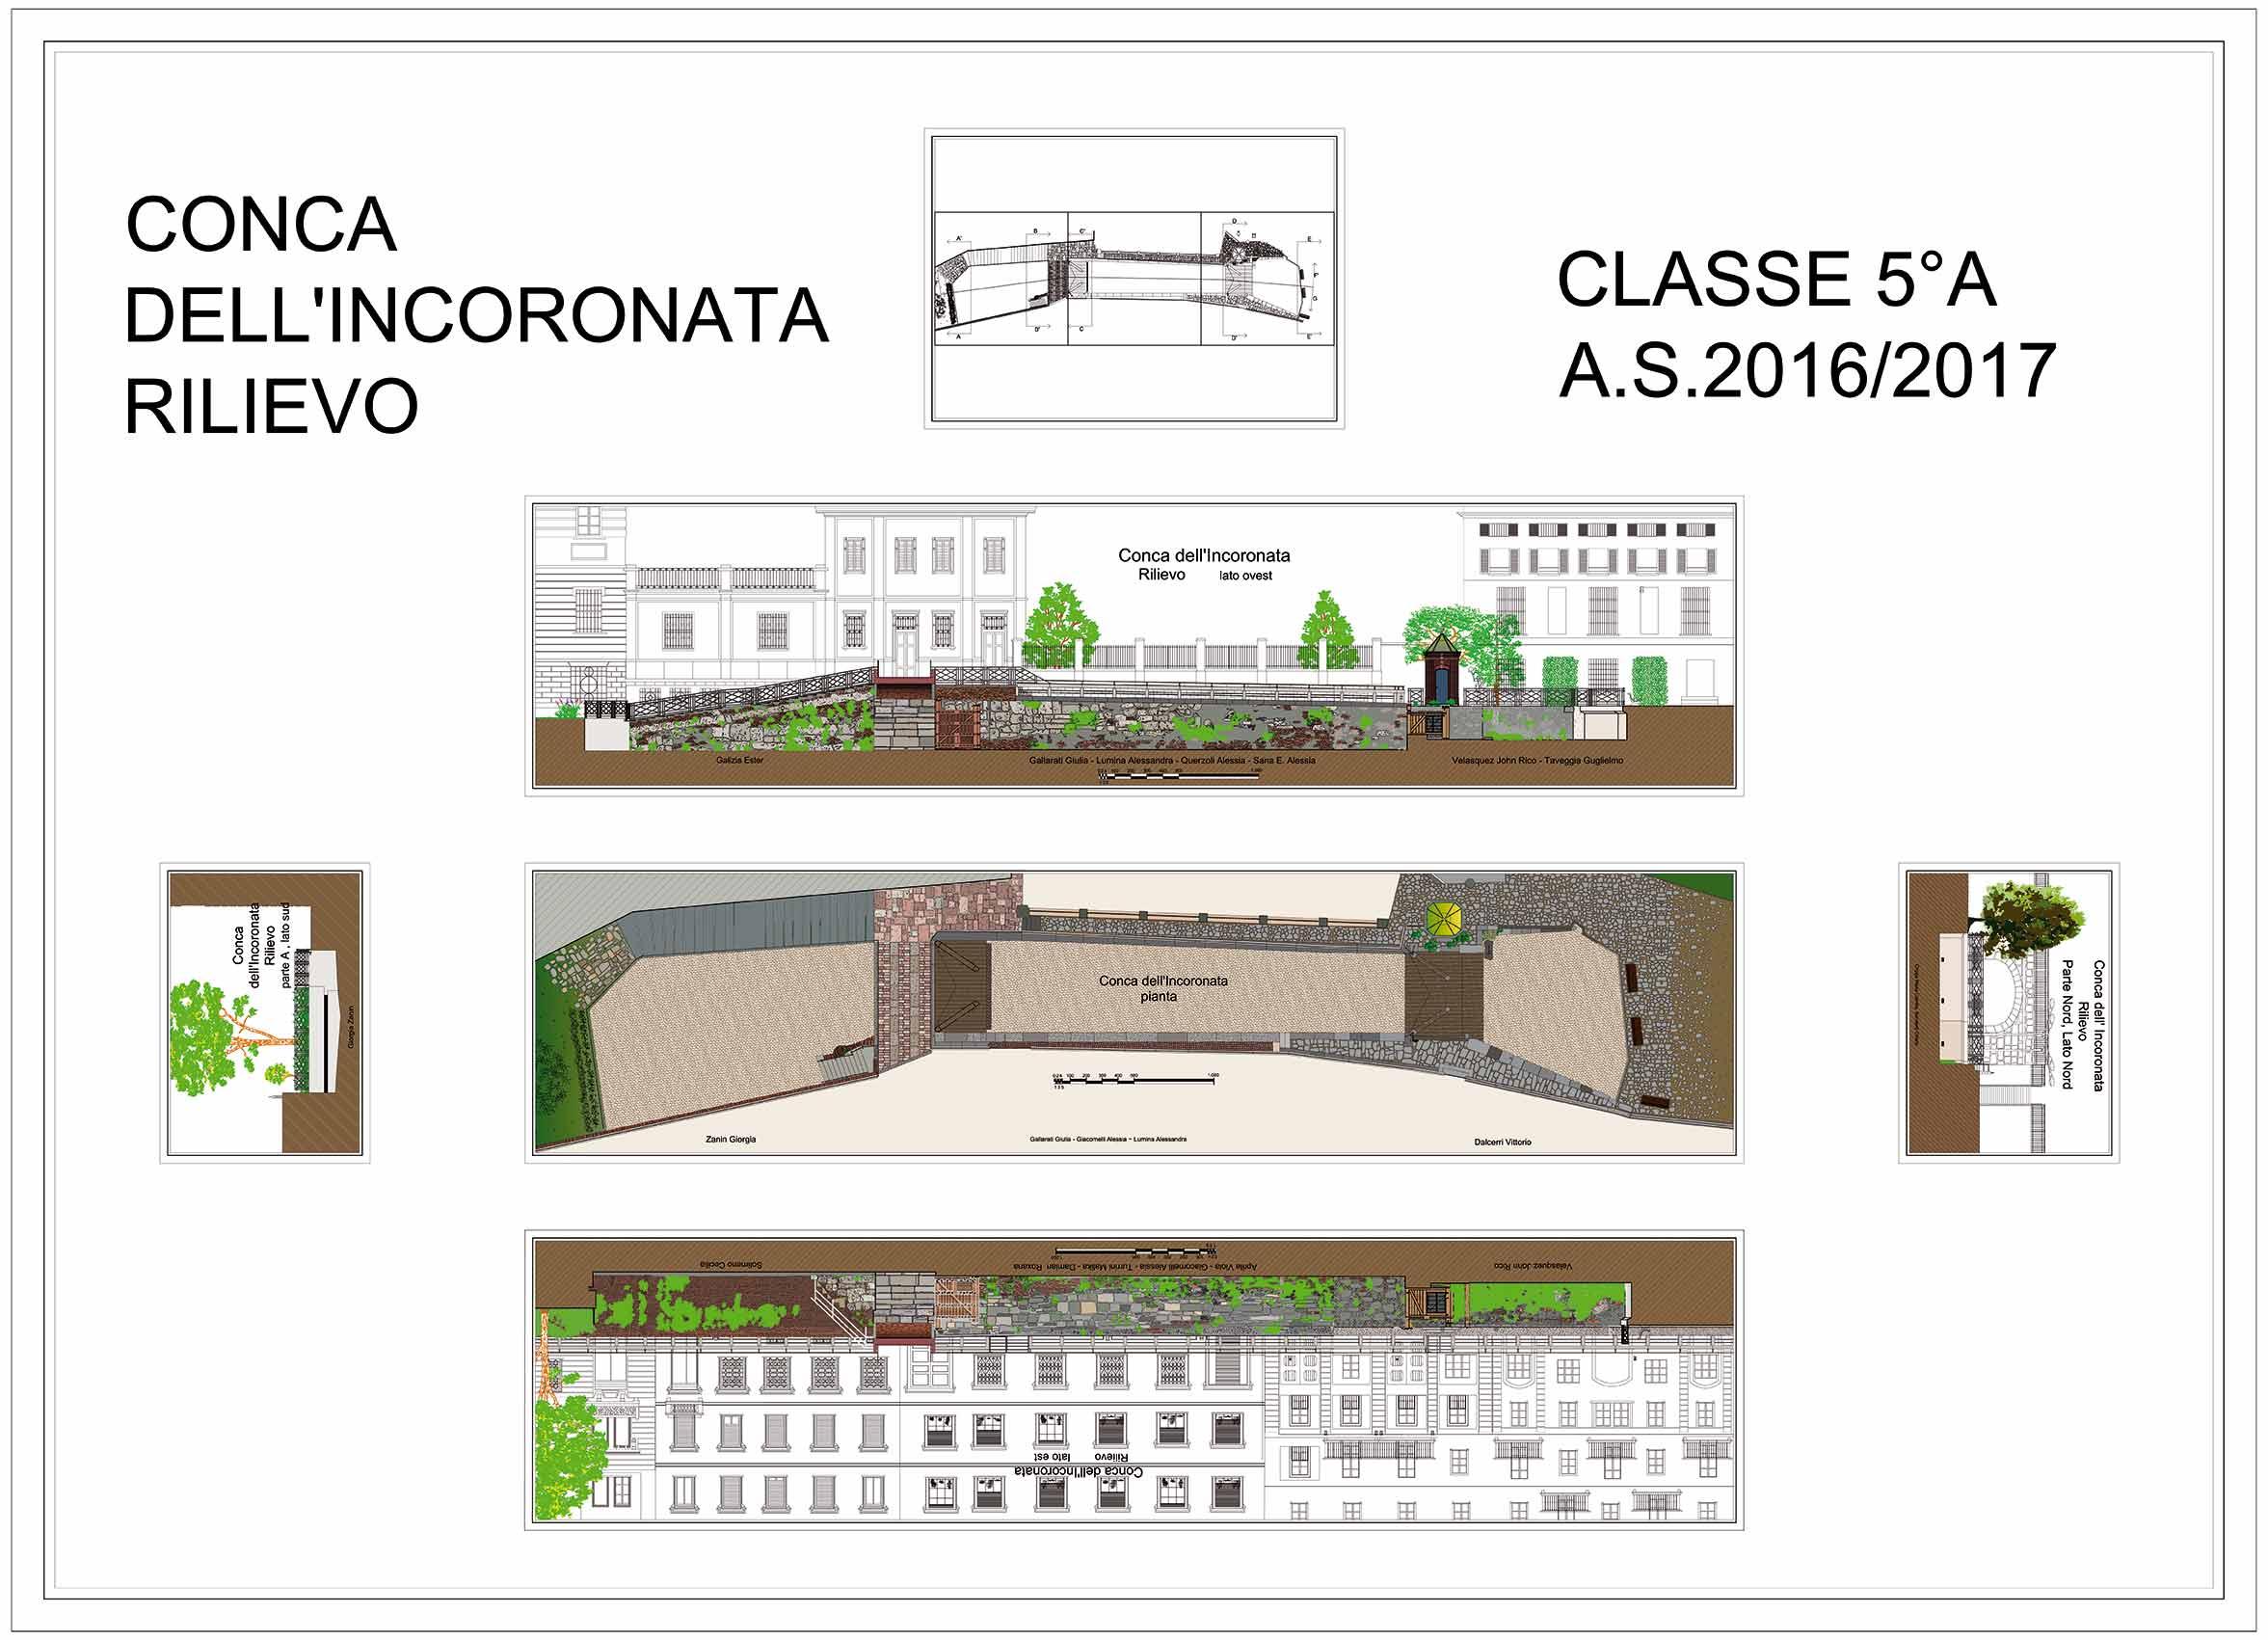 C:\001 Giuseppe\Lavori\LAS\AS16-17\5A\RilConca\Imaginazione 1 Model (1)